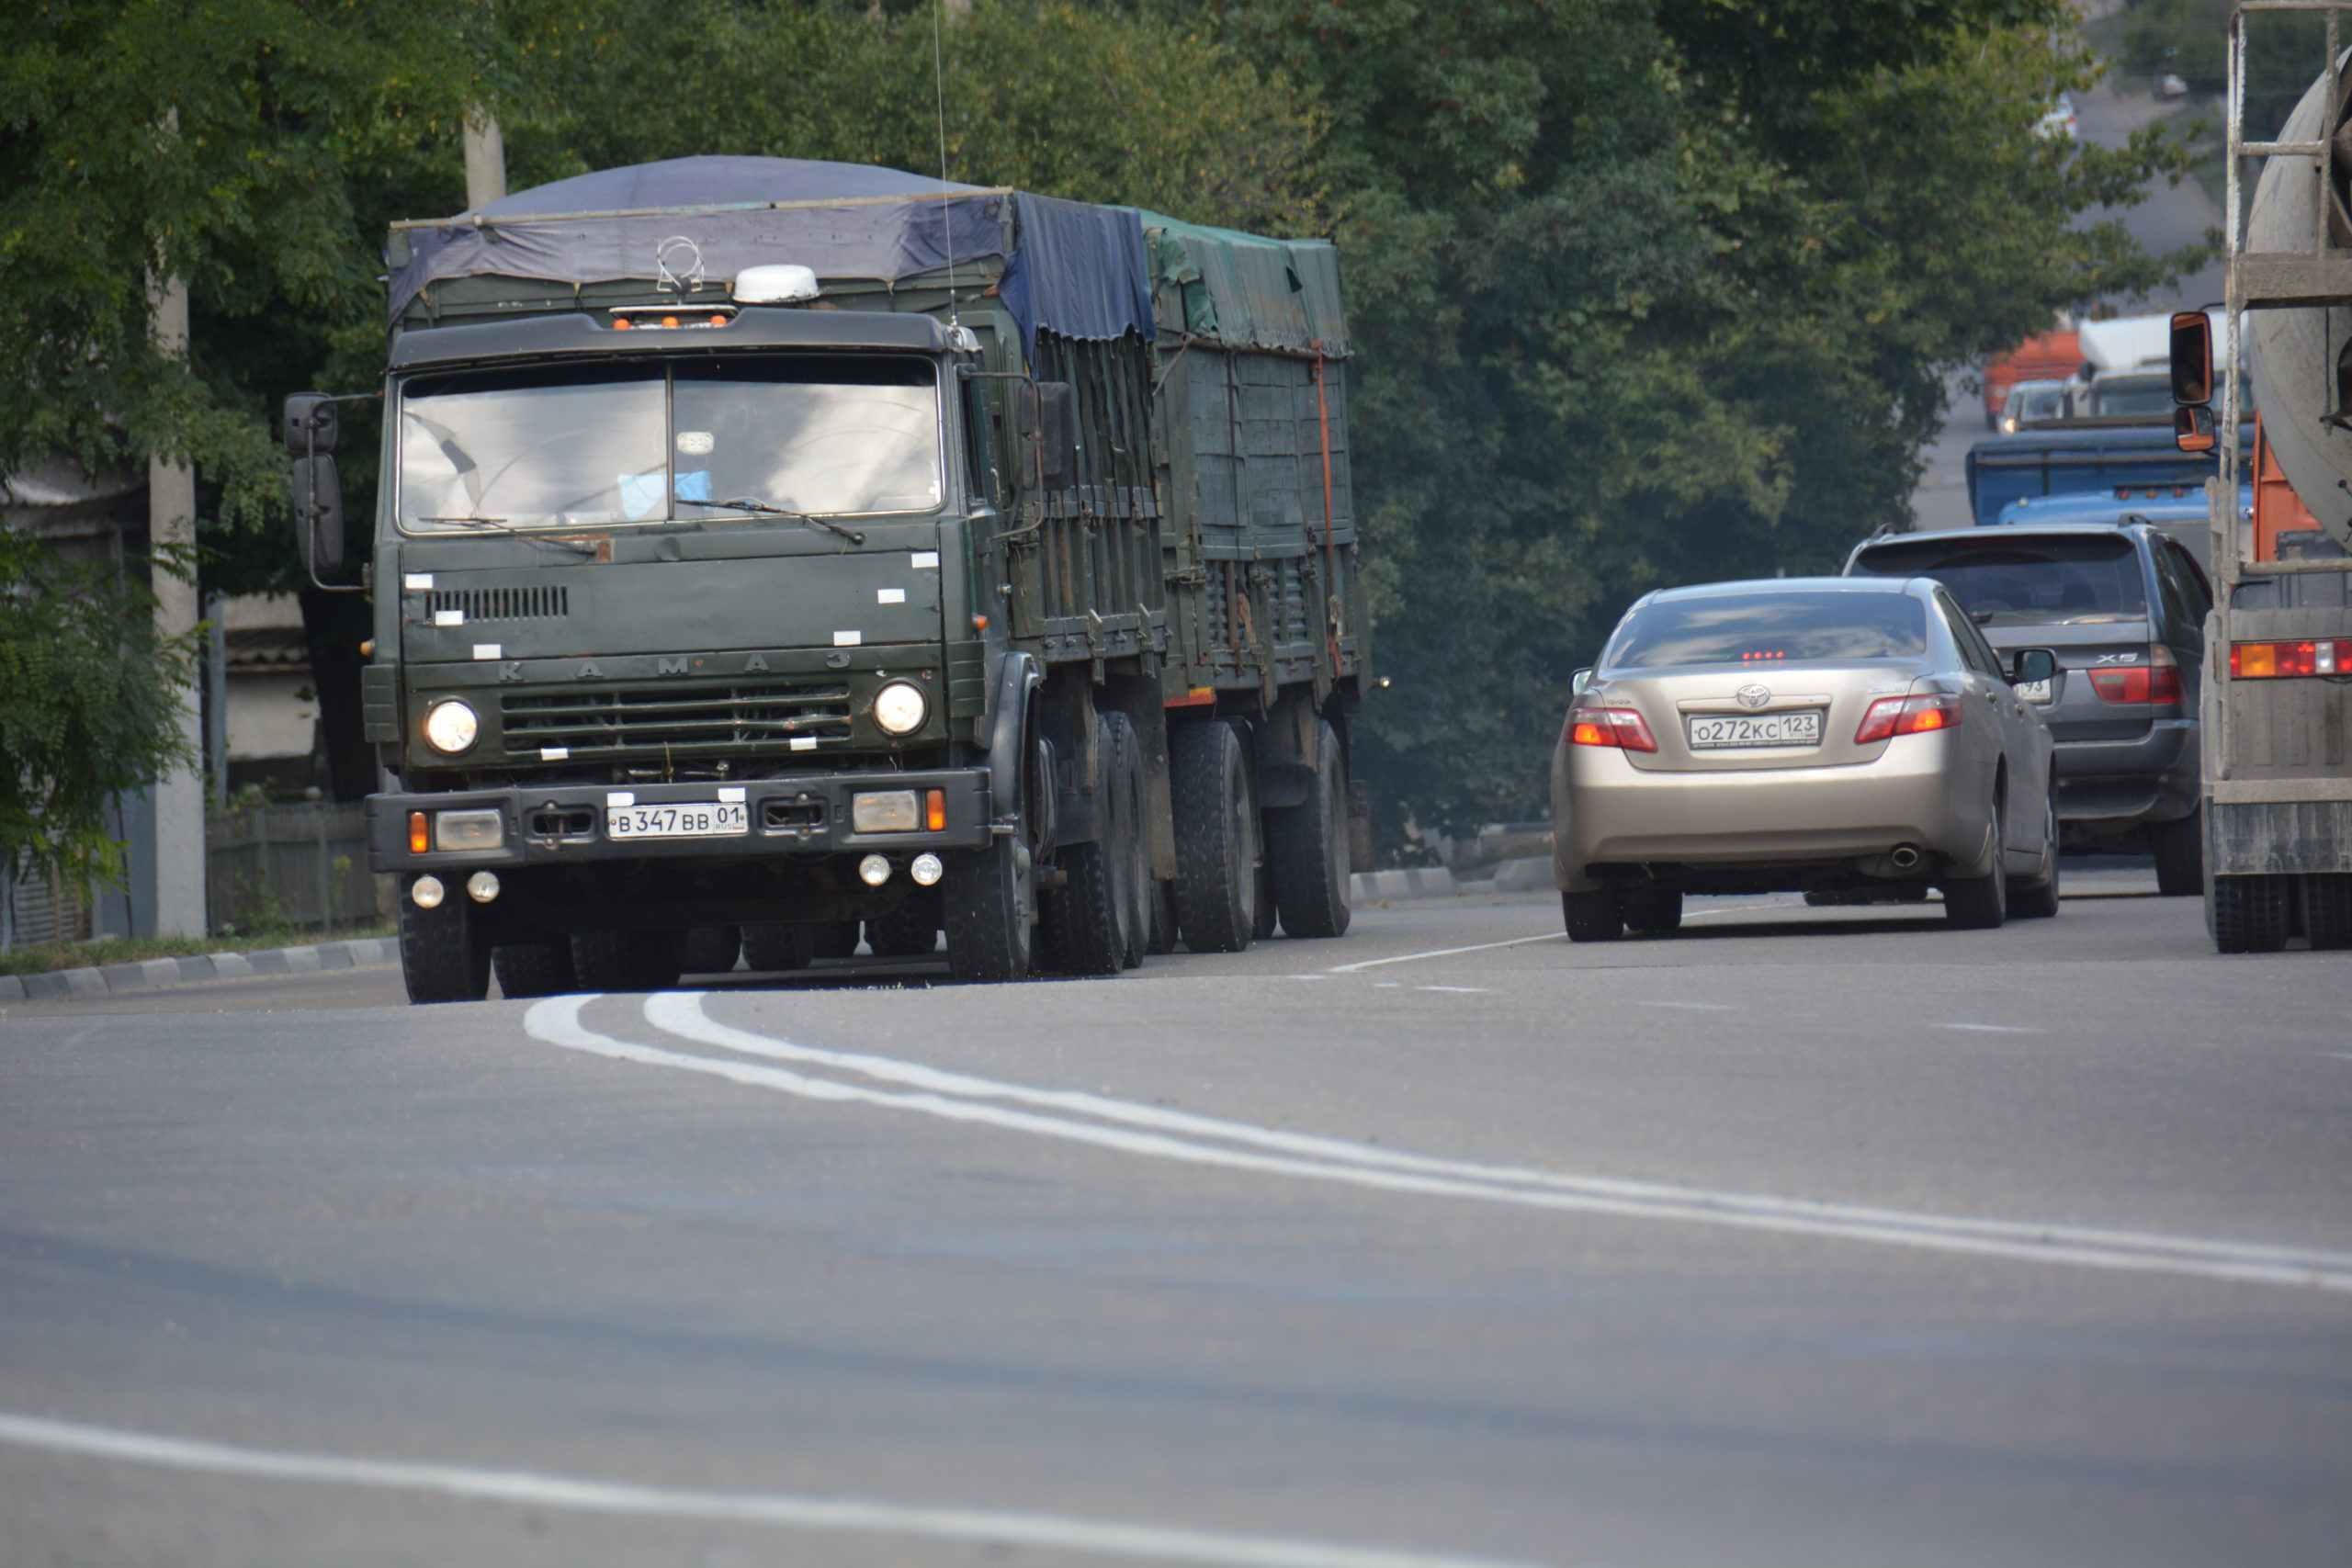 Новороссийцы подписывают петицию против зерновозов, а зерновые терминалы готовятся к росту грузооборота